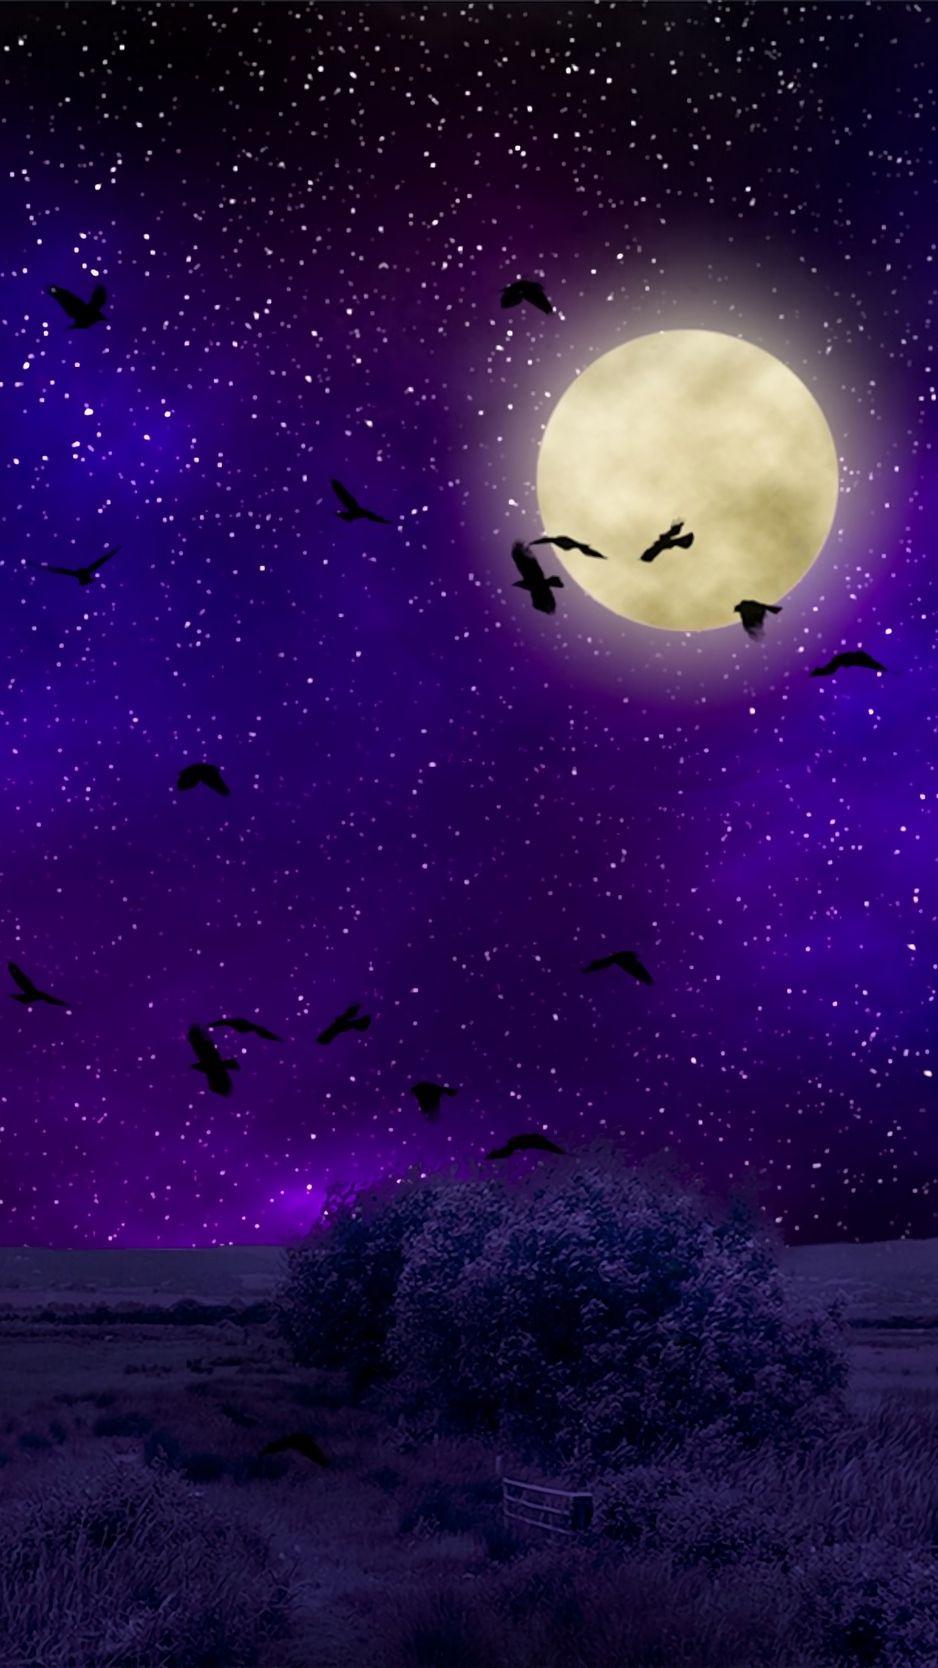 Full moon, starry sky, birds, night, wallpaper